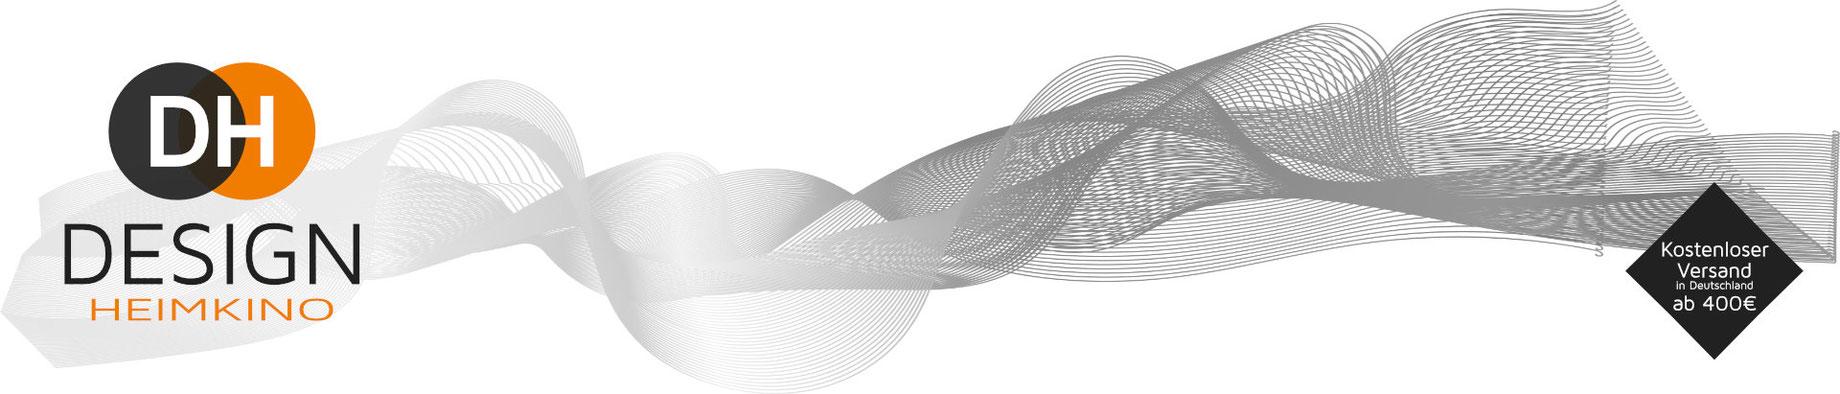 Akustik-Deckensegel mit edlen Alurahmen - Design-Heimkino